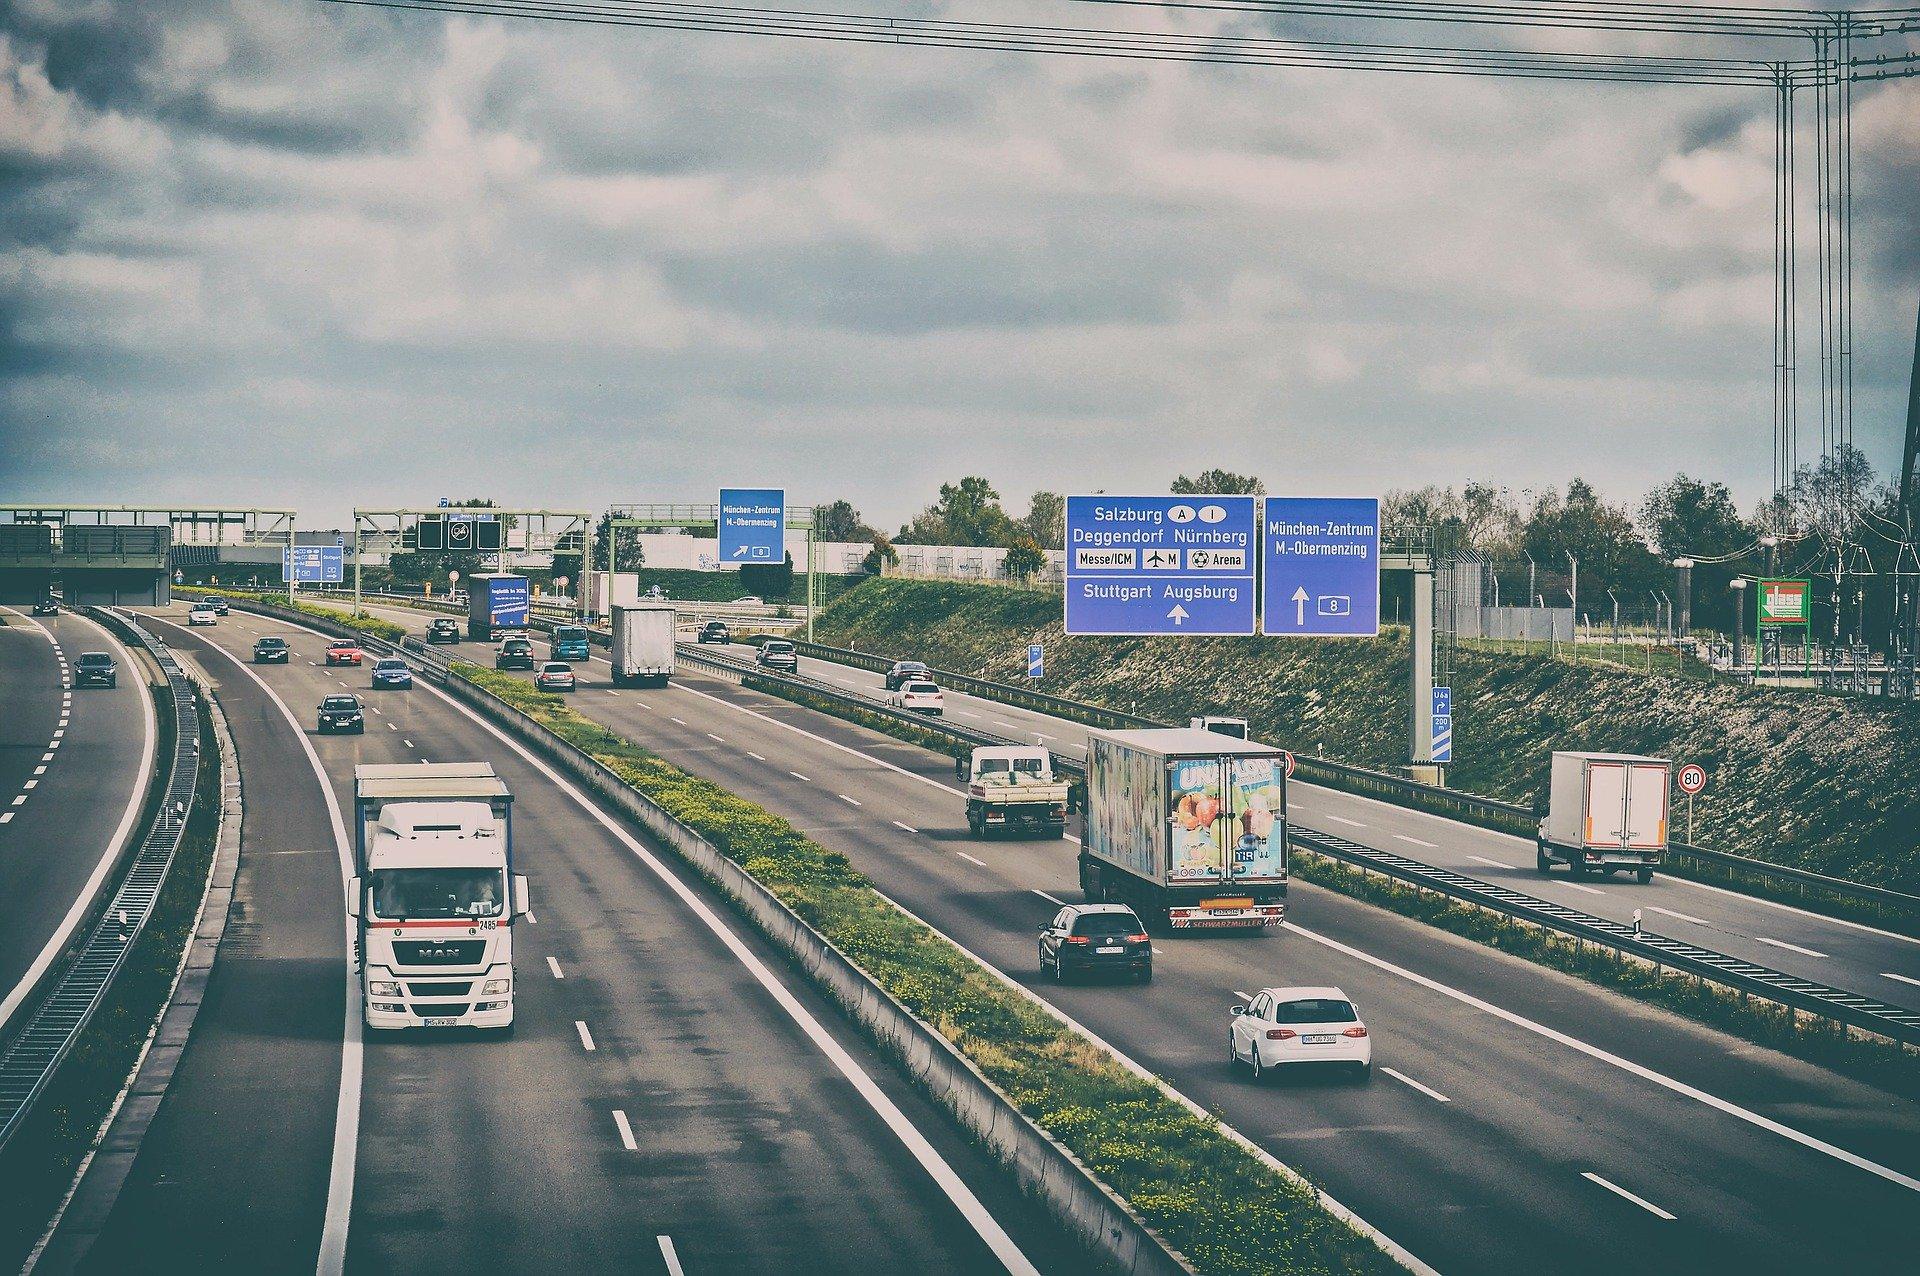 Blick auf eine mehrspurige Autobahn mit Lkws und Autos.